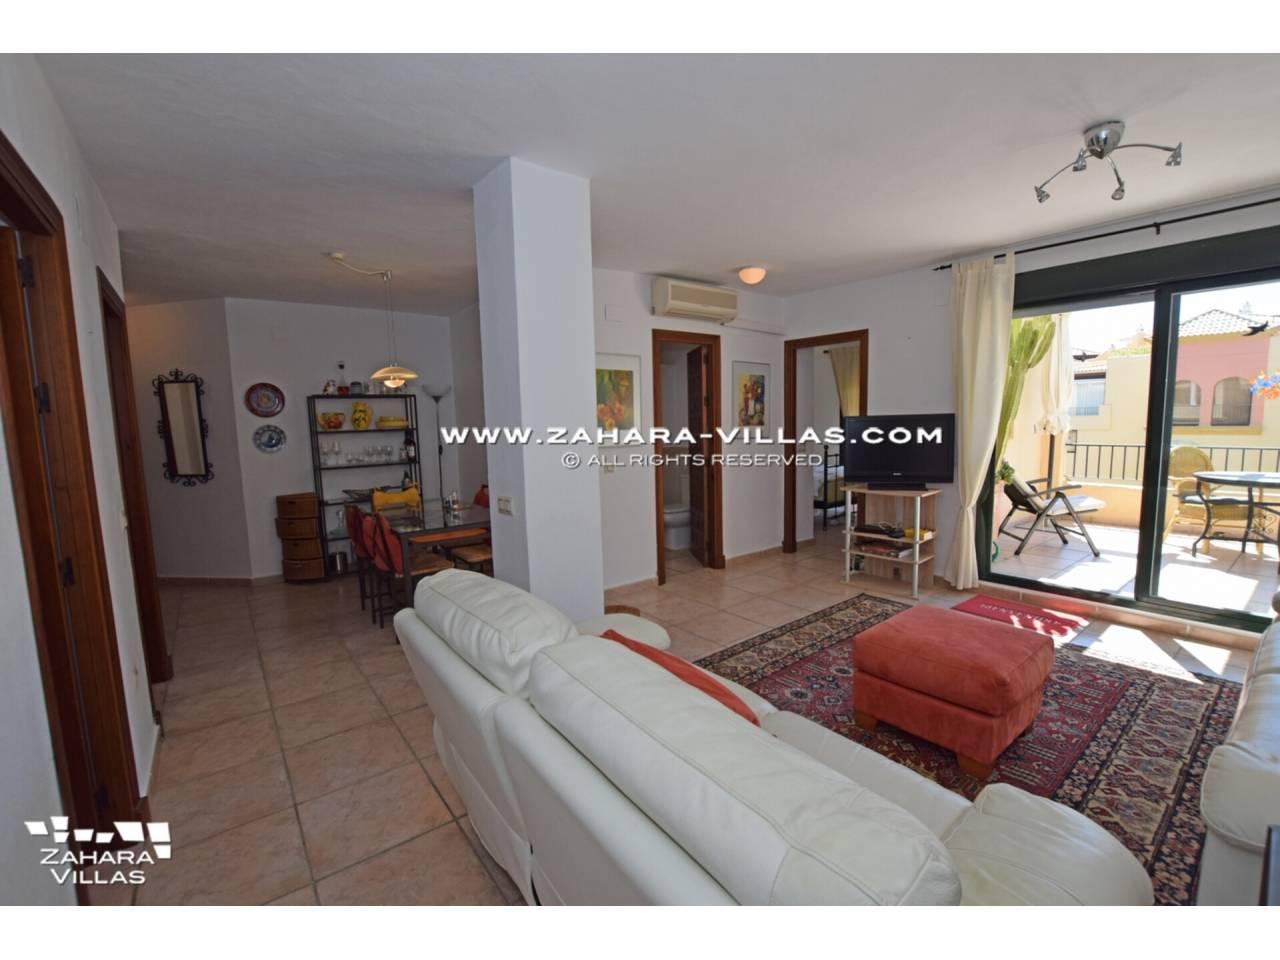 Imagen 13 de Penthouse apartment for sale in Zahara de los Atunes